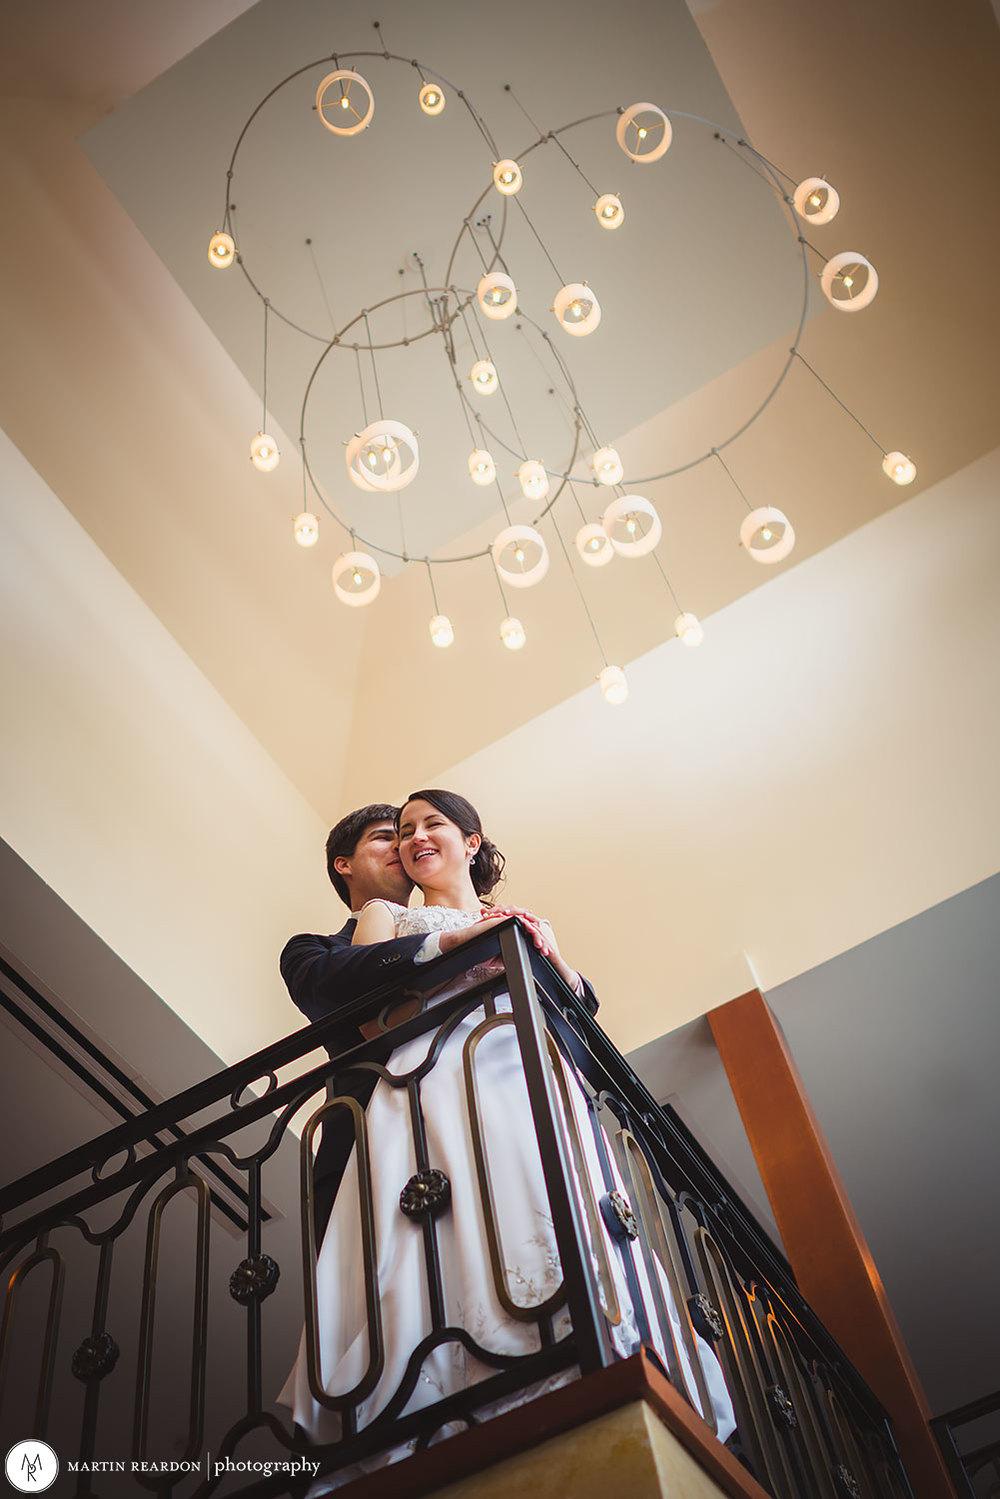 10-Bride-And-Groom-Portrait-From-Below.jpg